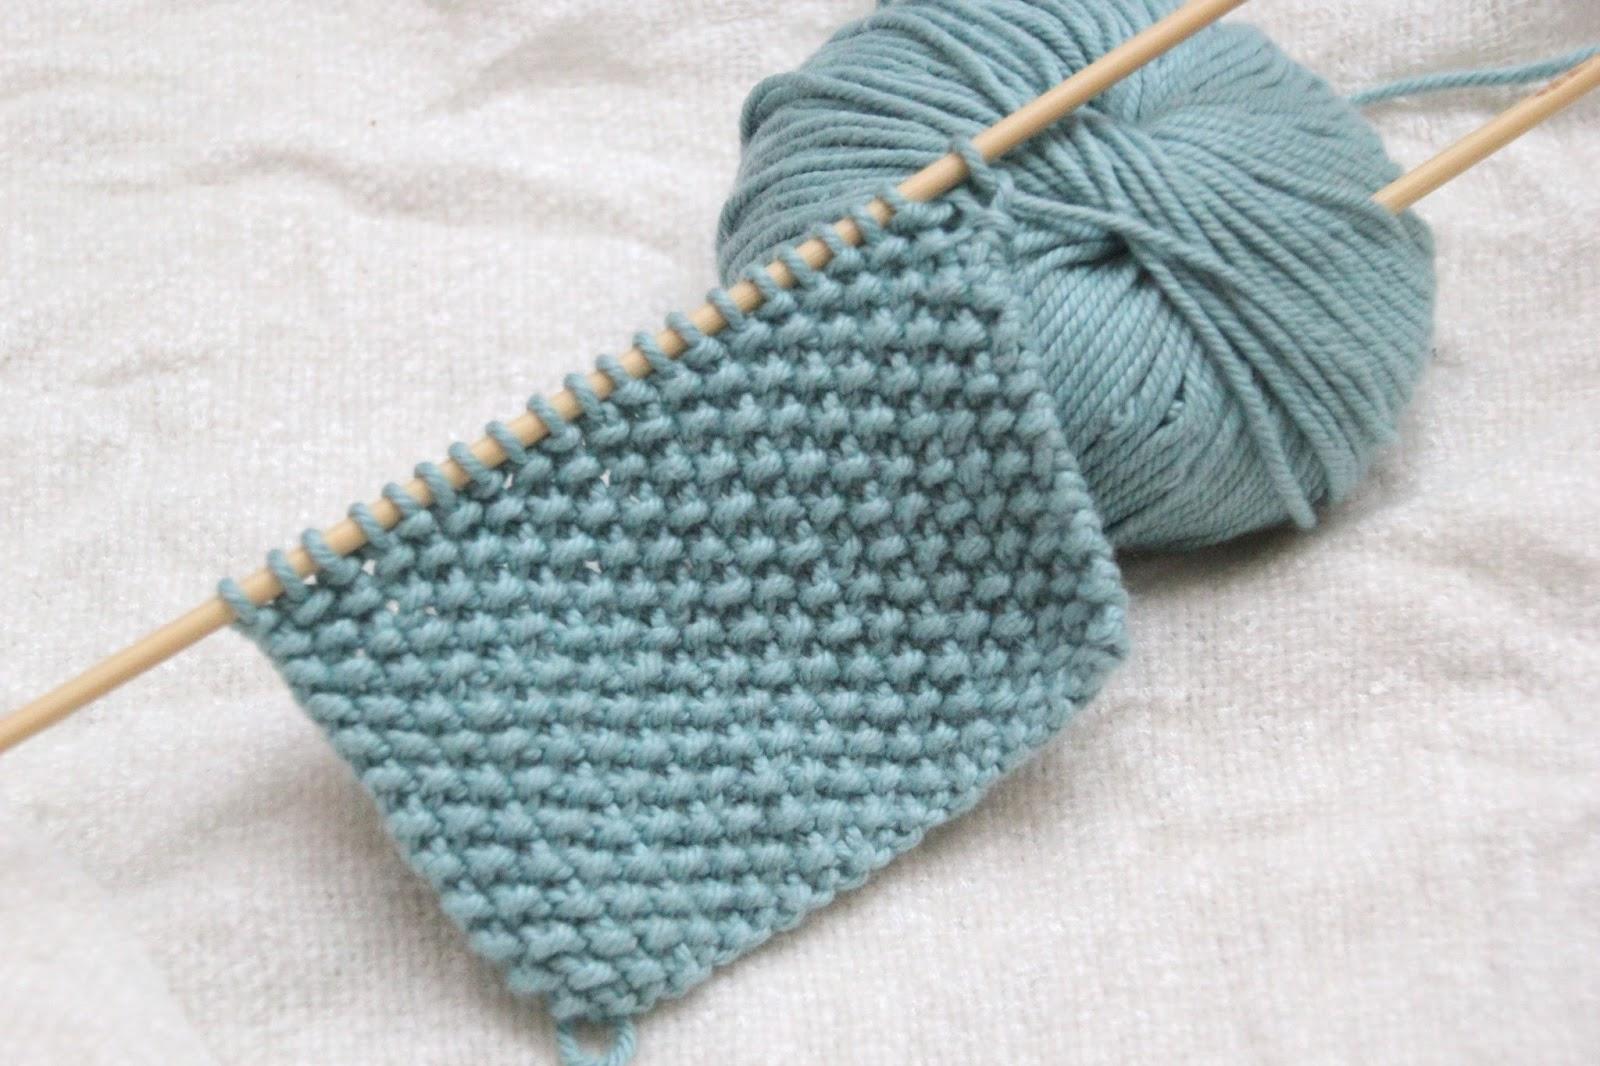 Como hacer punto de arroz con dos agujas sin complicaciones - Puntos para tejer con dos agujas ...